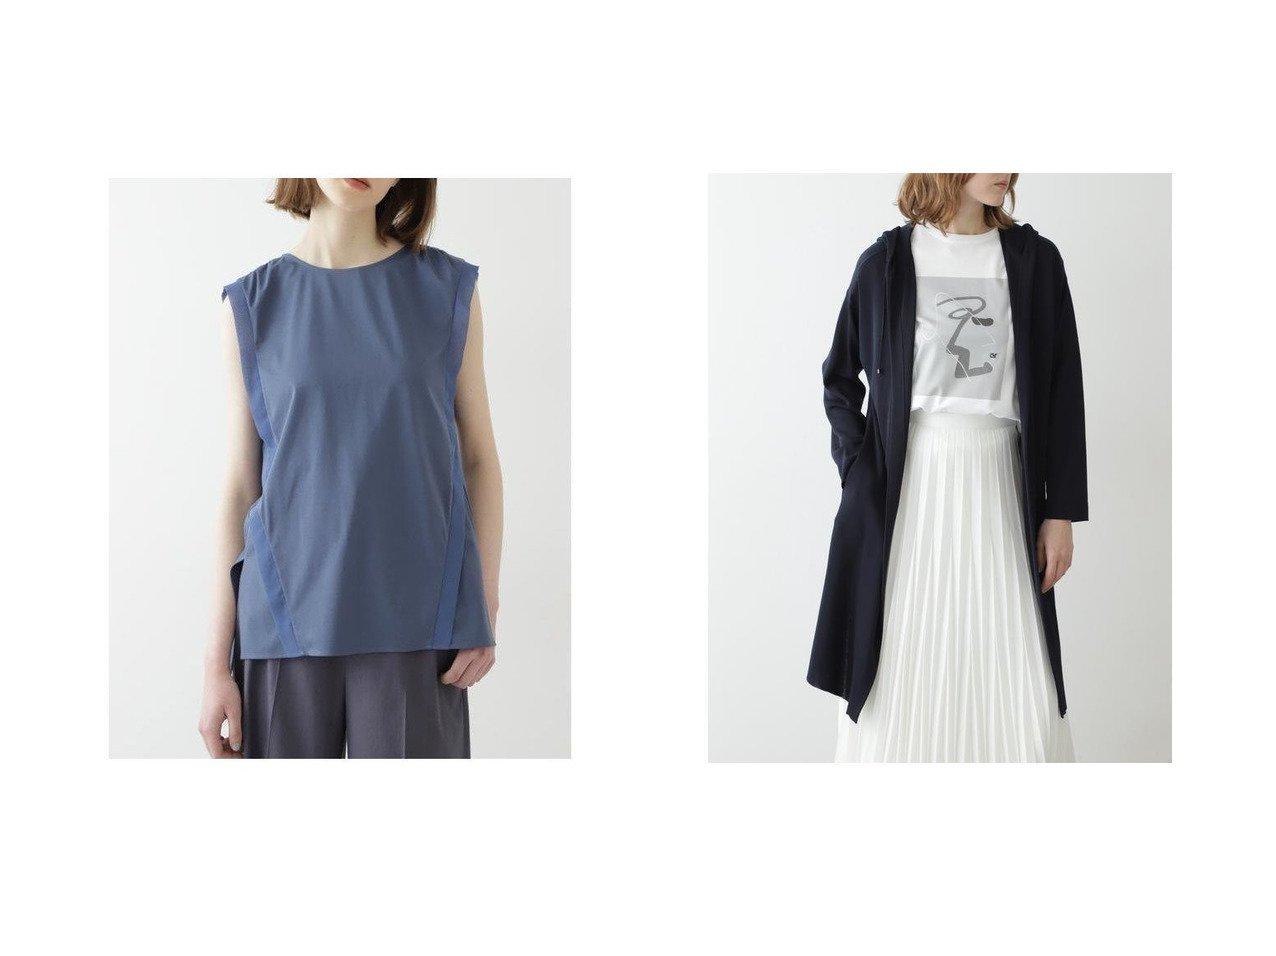 【BOSCH/ボッシュ】のファブリックコンビフーディカーデ&シフォンコンビカットソー 【トップス・カットソー】おすすめ!人気、トレンド・レディースファッションの通販 おすすめで人気の流行・トレンド、ファッションの通販商品 インテリア・家具・メンズファッション・キッズファッション・レディースファッション・服の通販 founy(ファニー) https://founy.com/ ファッション Fashion レディースファッション WOMEN トップス・カットソー Tops/Tshirt シャツ/ブラウス Shirts/Blouses ロング / Tシャツ T-Shirts カットソー Cut and Sewn カーディガン Cardigans カットソー シフォン ジャージー 夏 Summer カーディガン キュプラ サテン スタンダード パッチ ポケット |ID:crp329100000054109